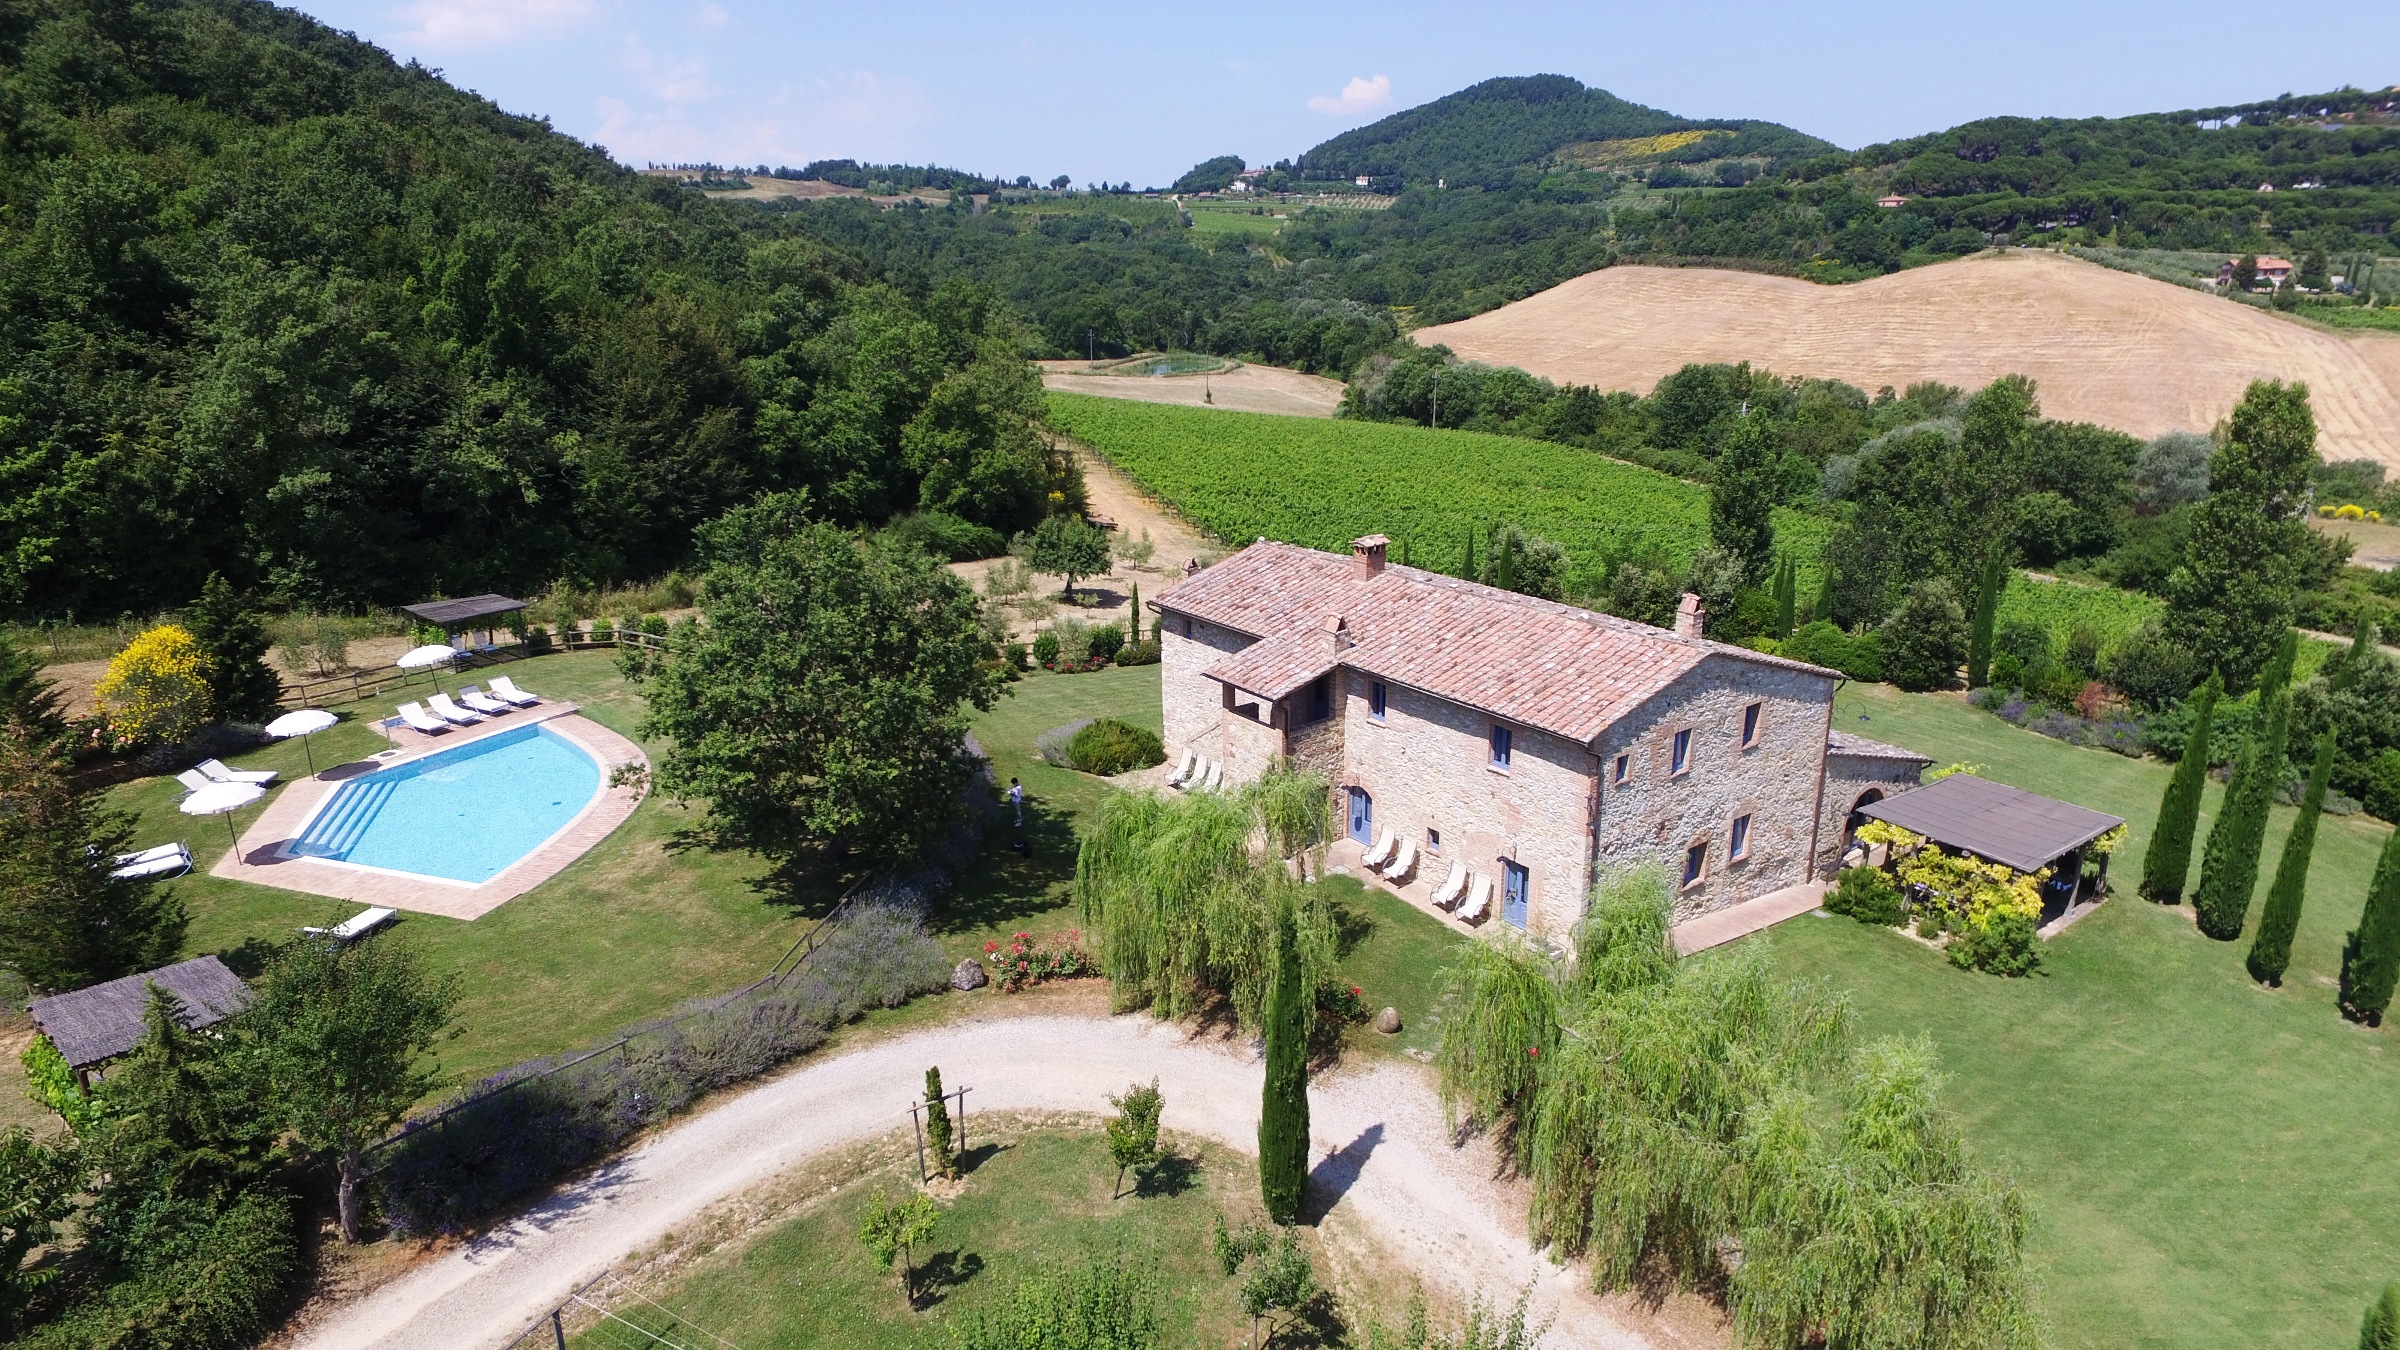 Villa Podere Monti Montepulciano Tuscany